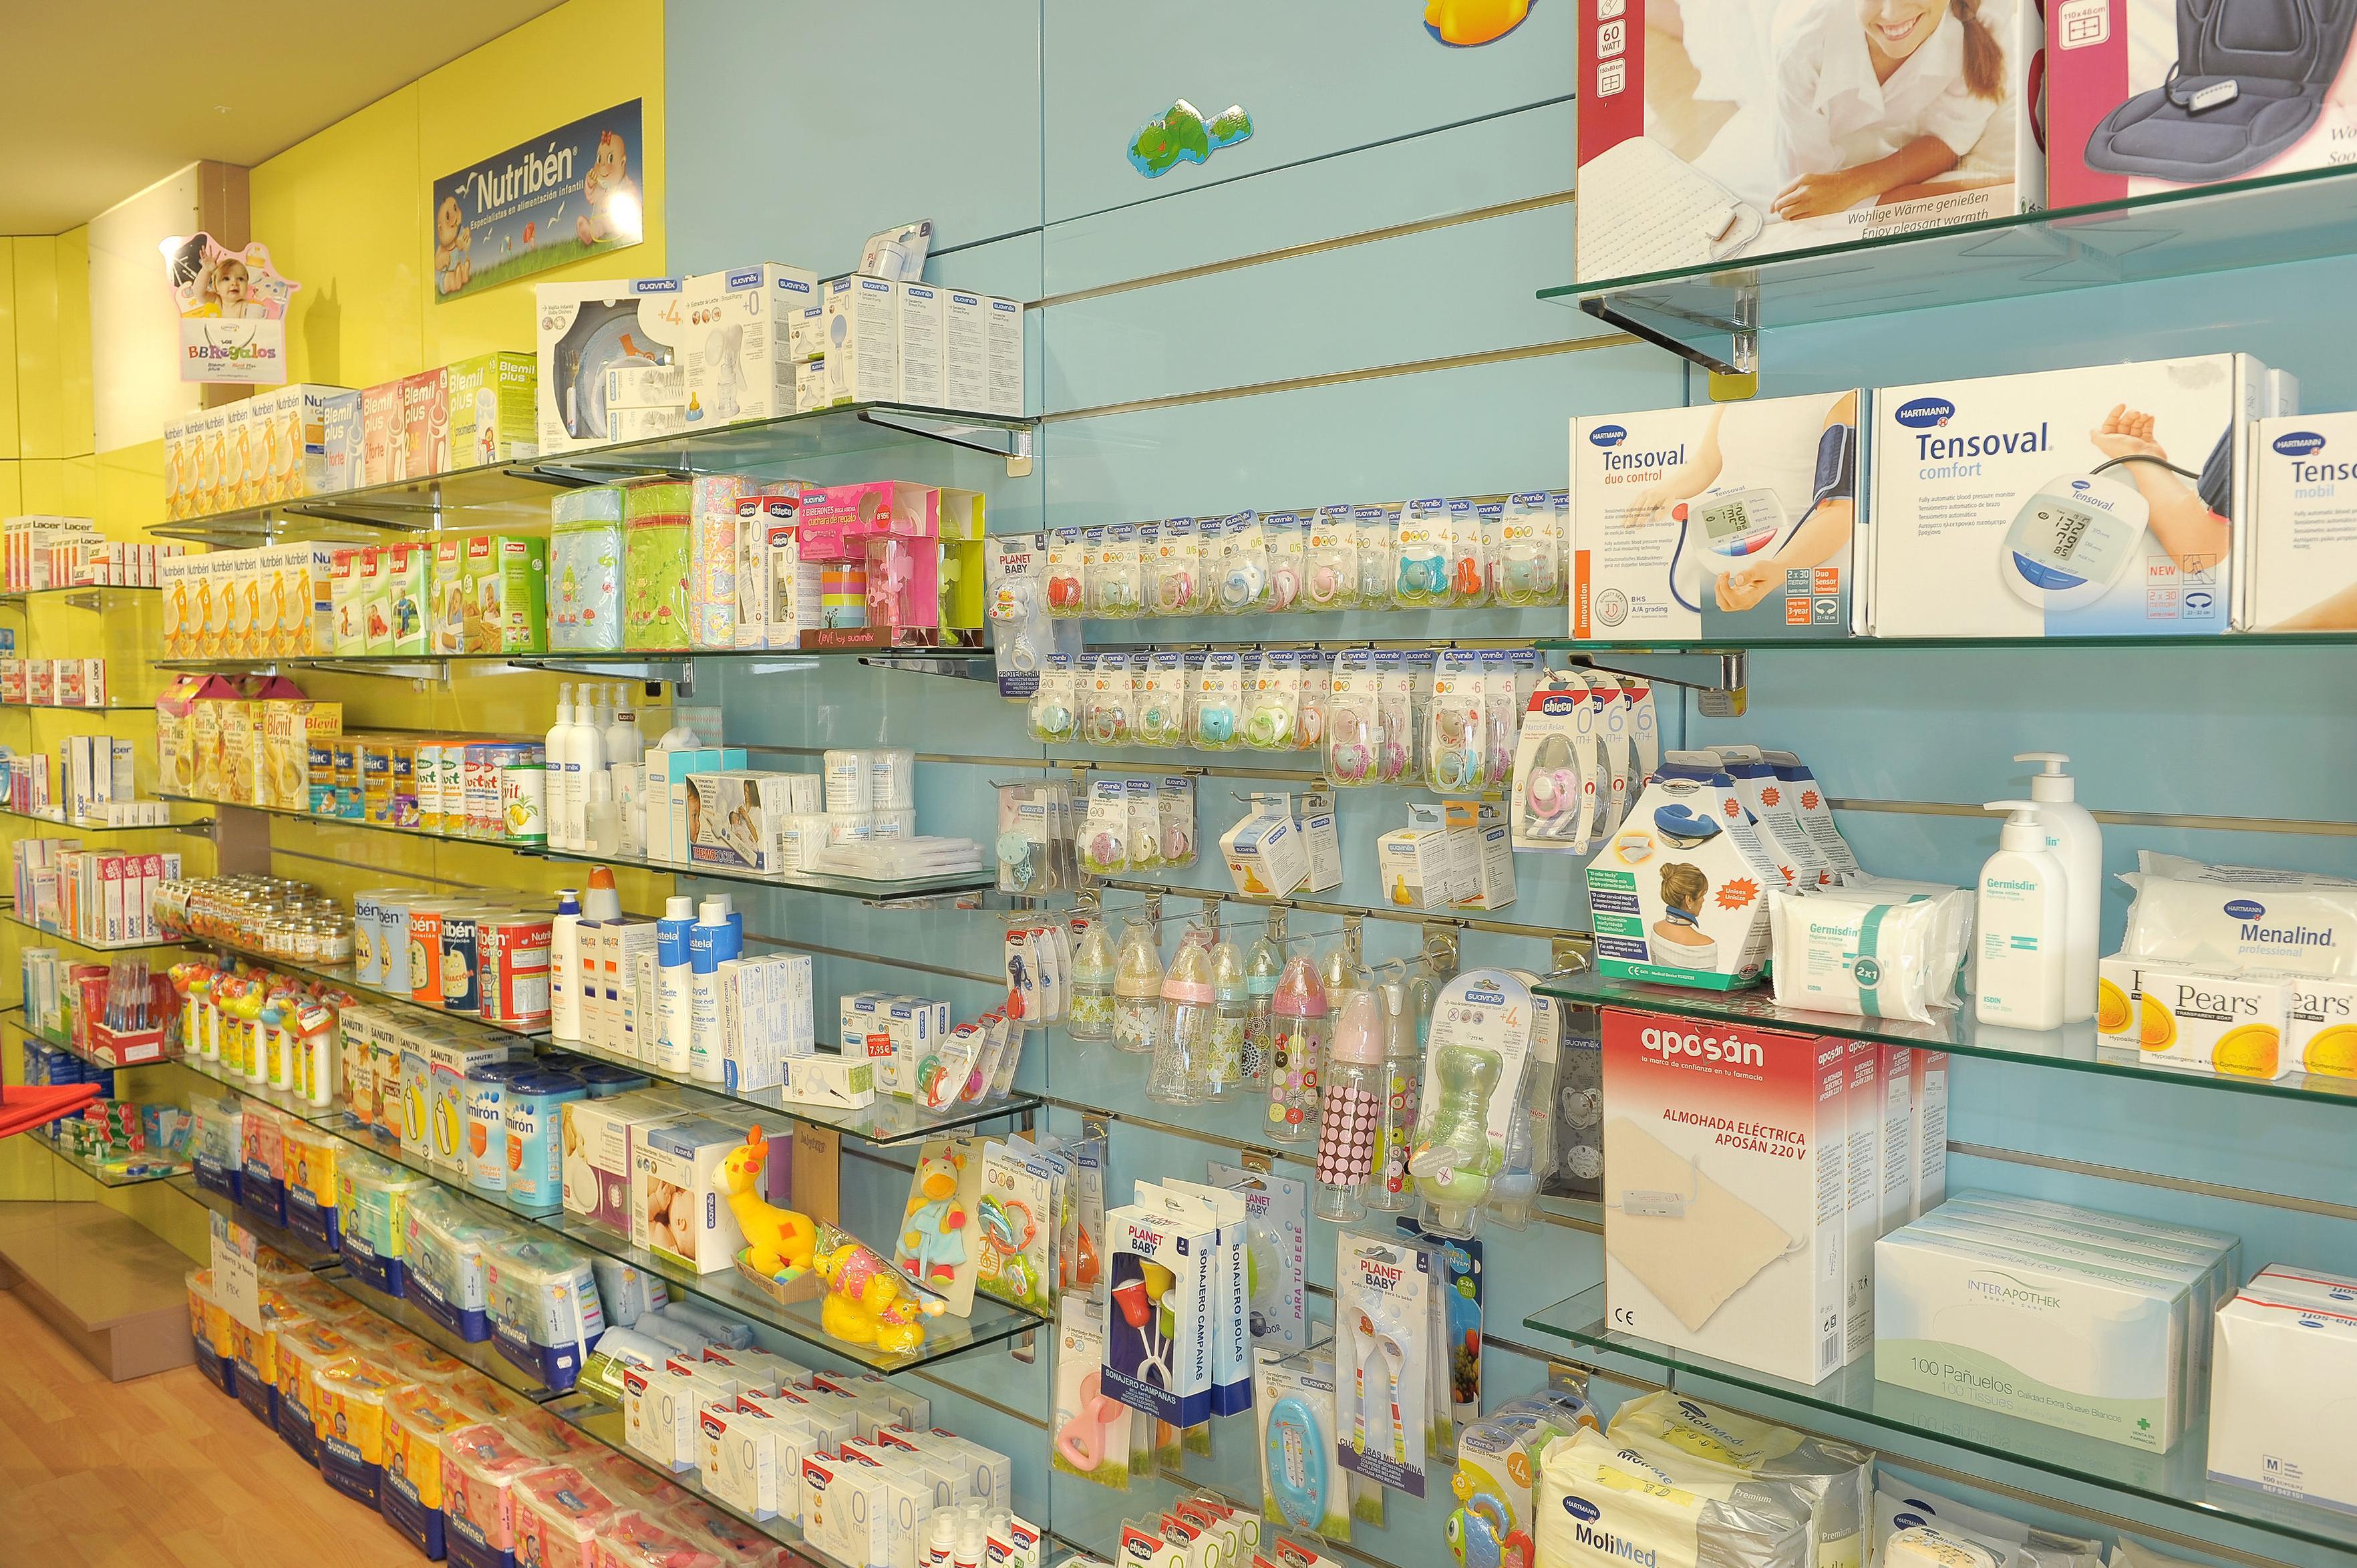 Canarias Decofarma. Reformas en general en Tenerife